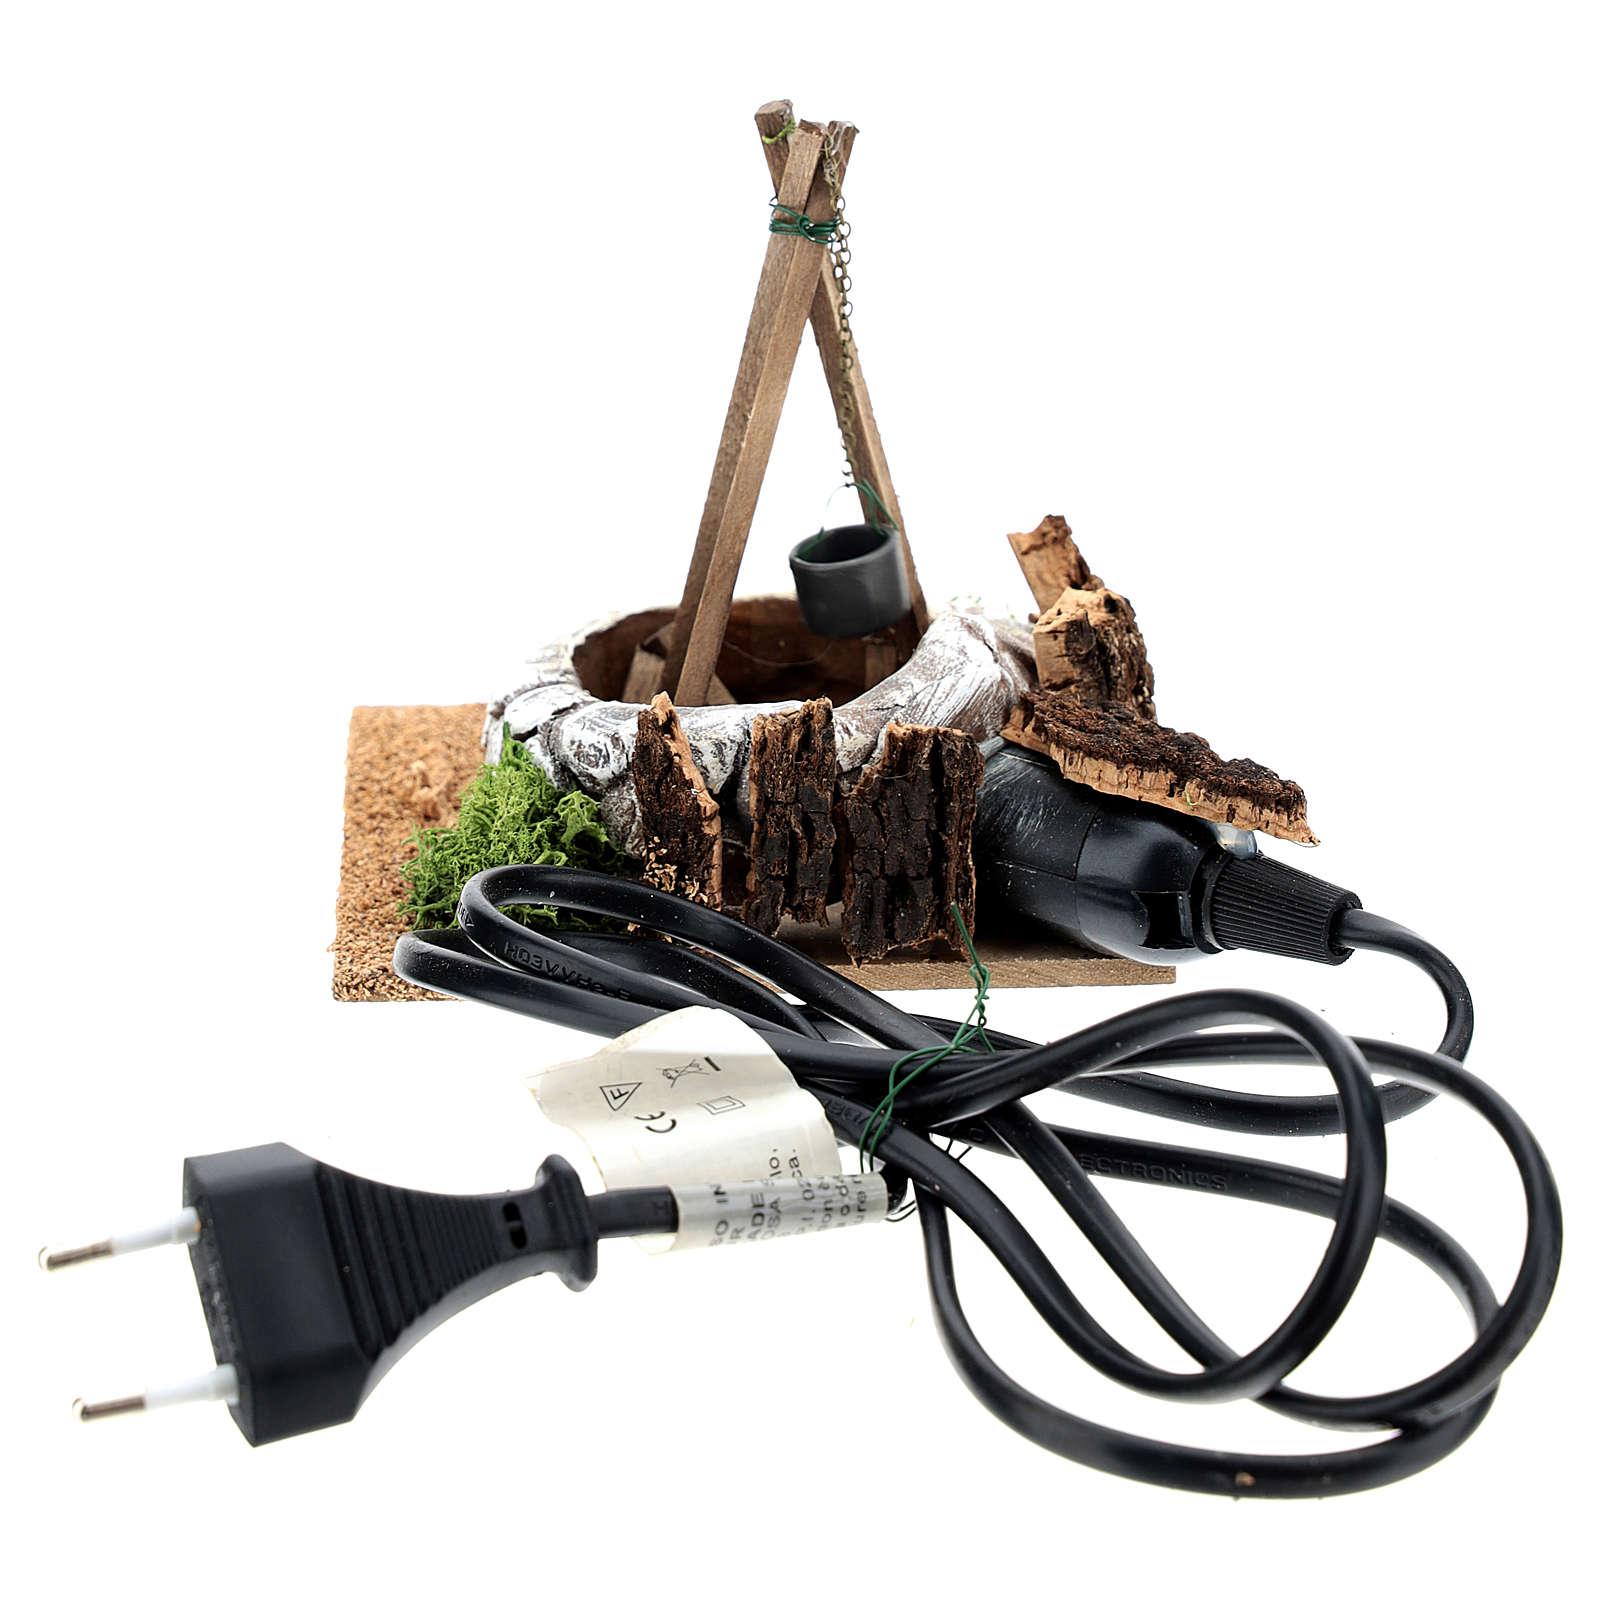 Fuoco elettrico con treppiedi: ambientazione presepe 4